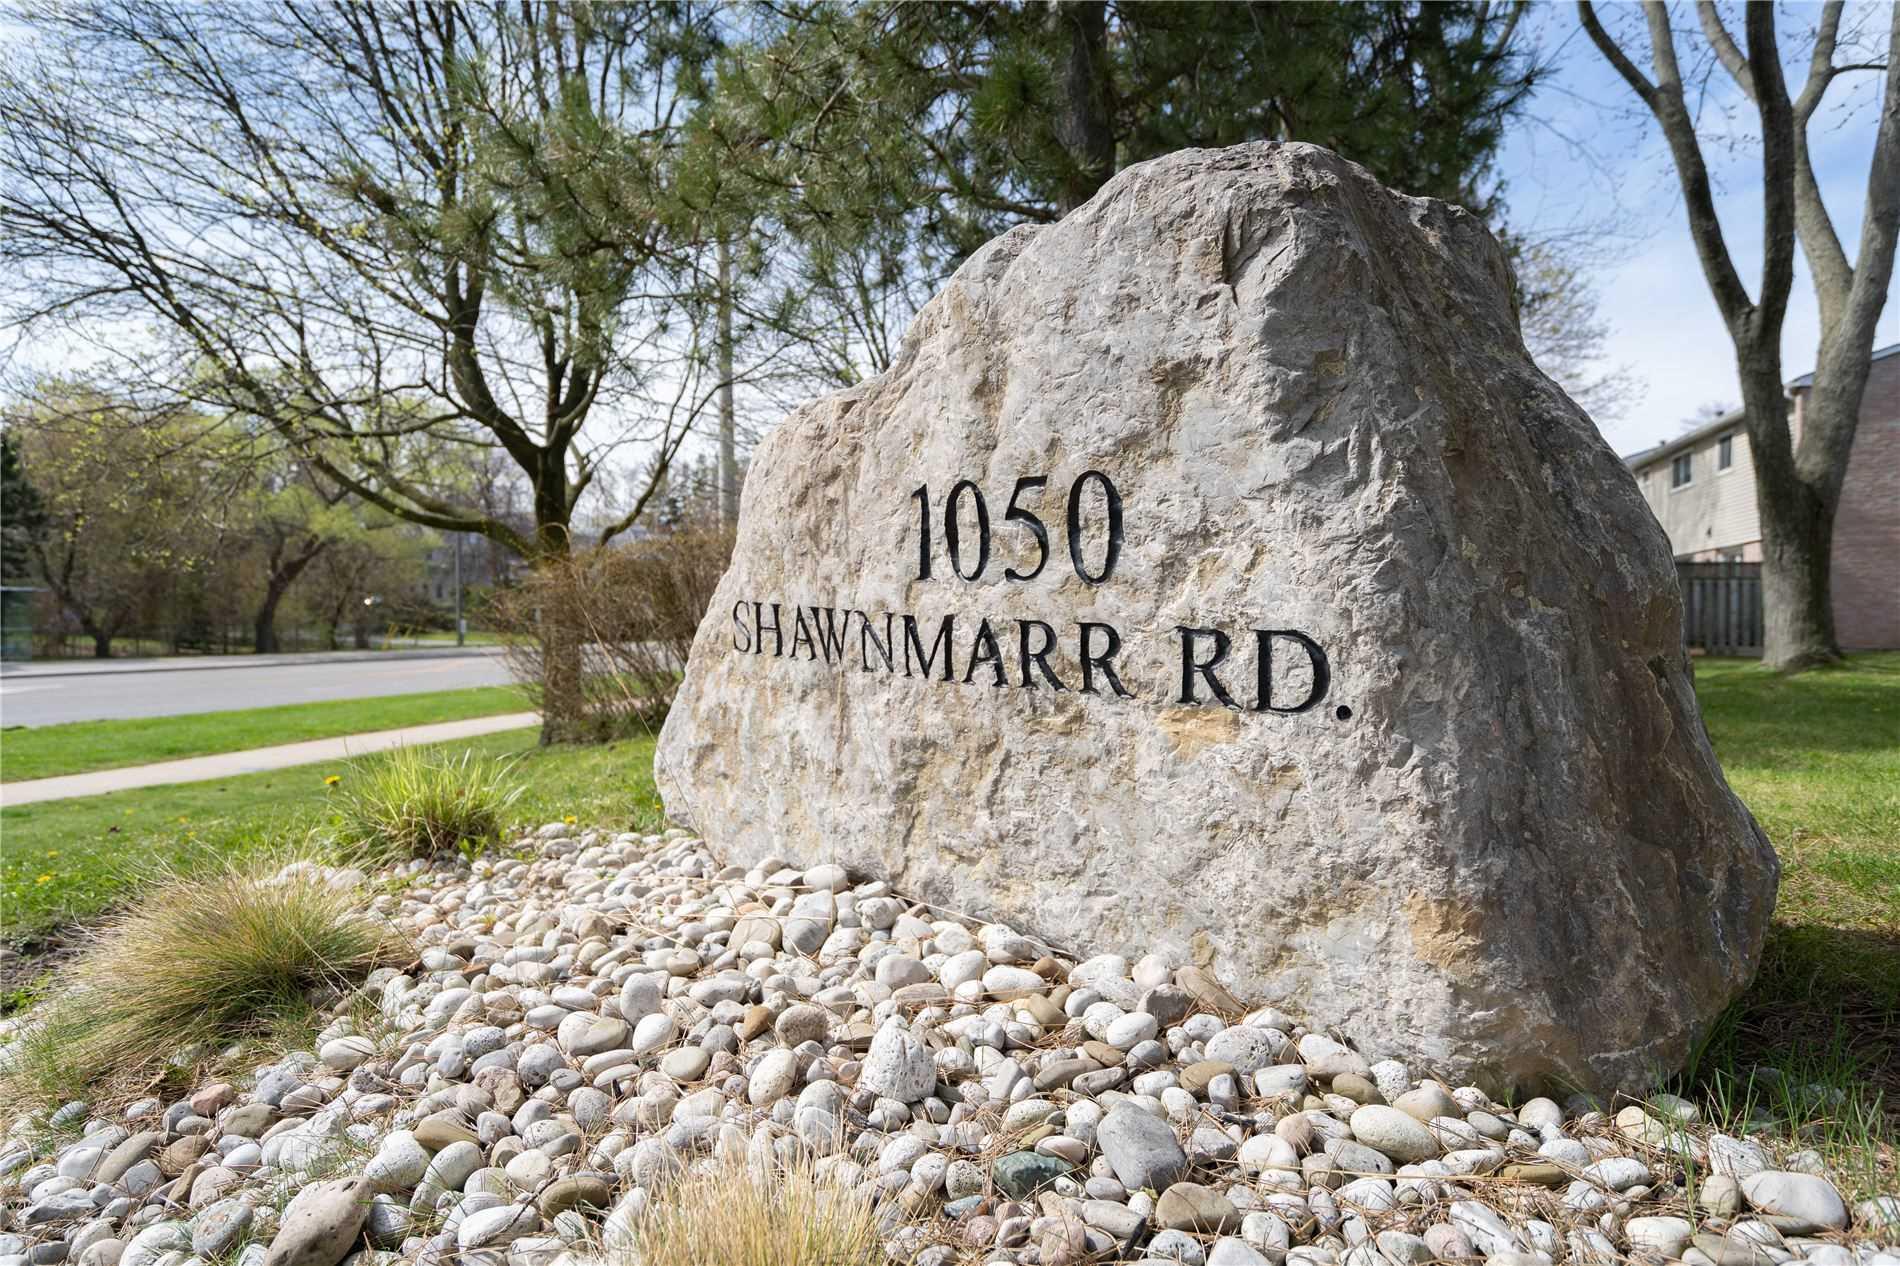 1050-shawnmarr-rd